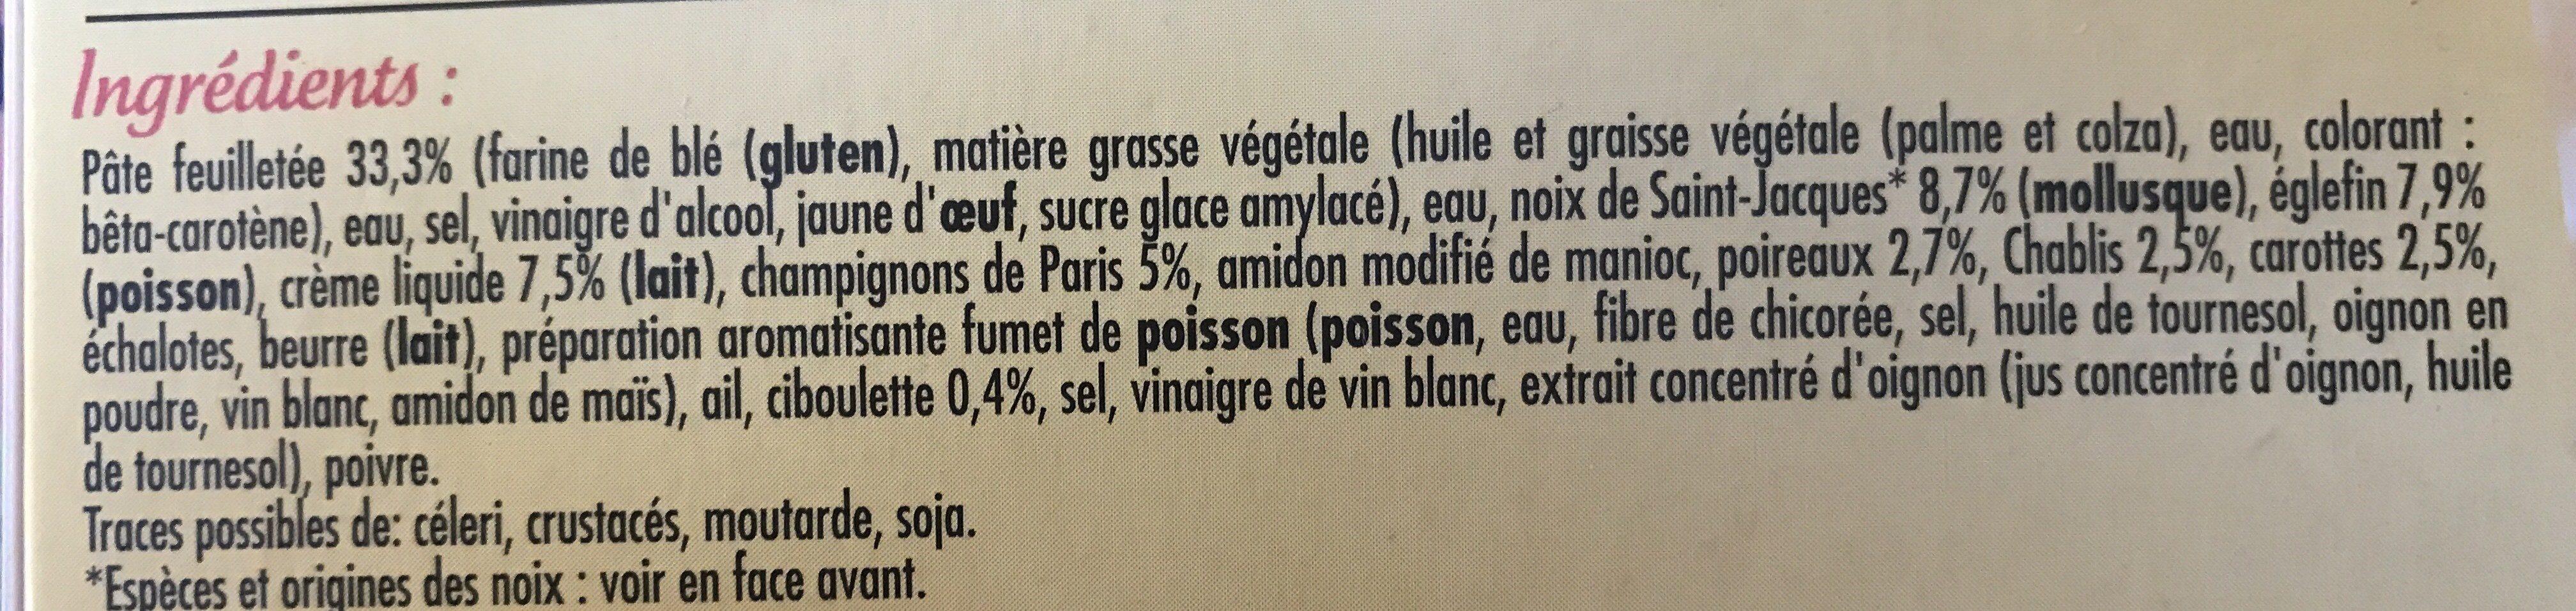 2 Feuilletés Saint-Jacques et Eglefin, Sauce au Chablis - Ingrédients